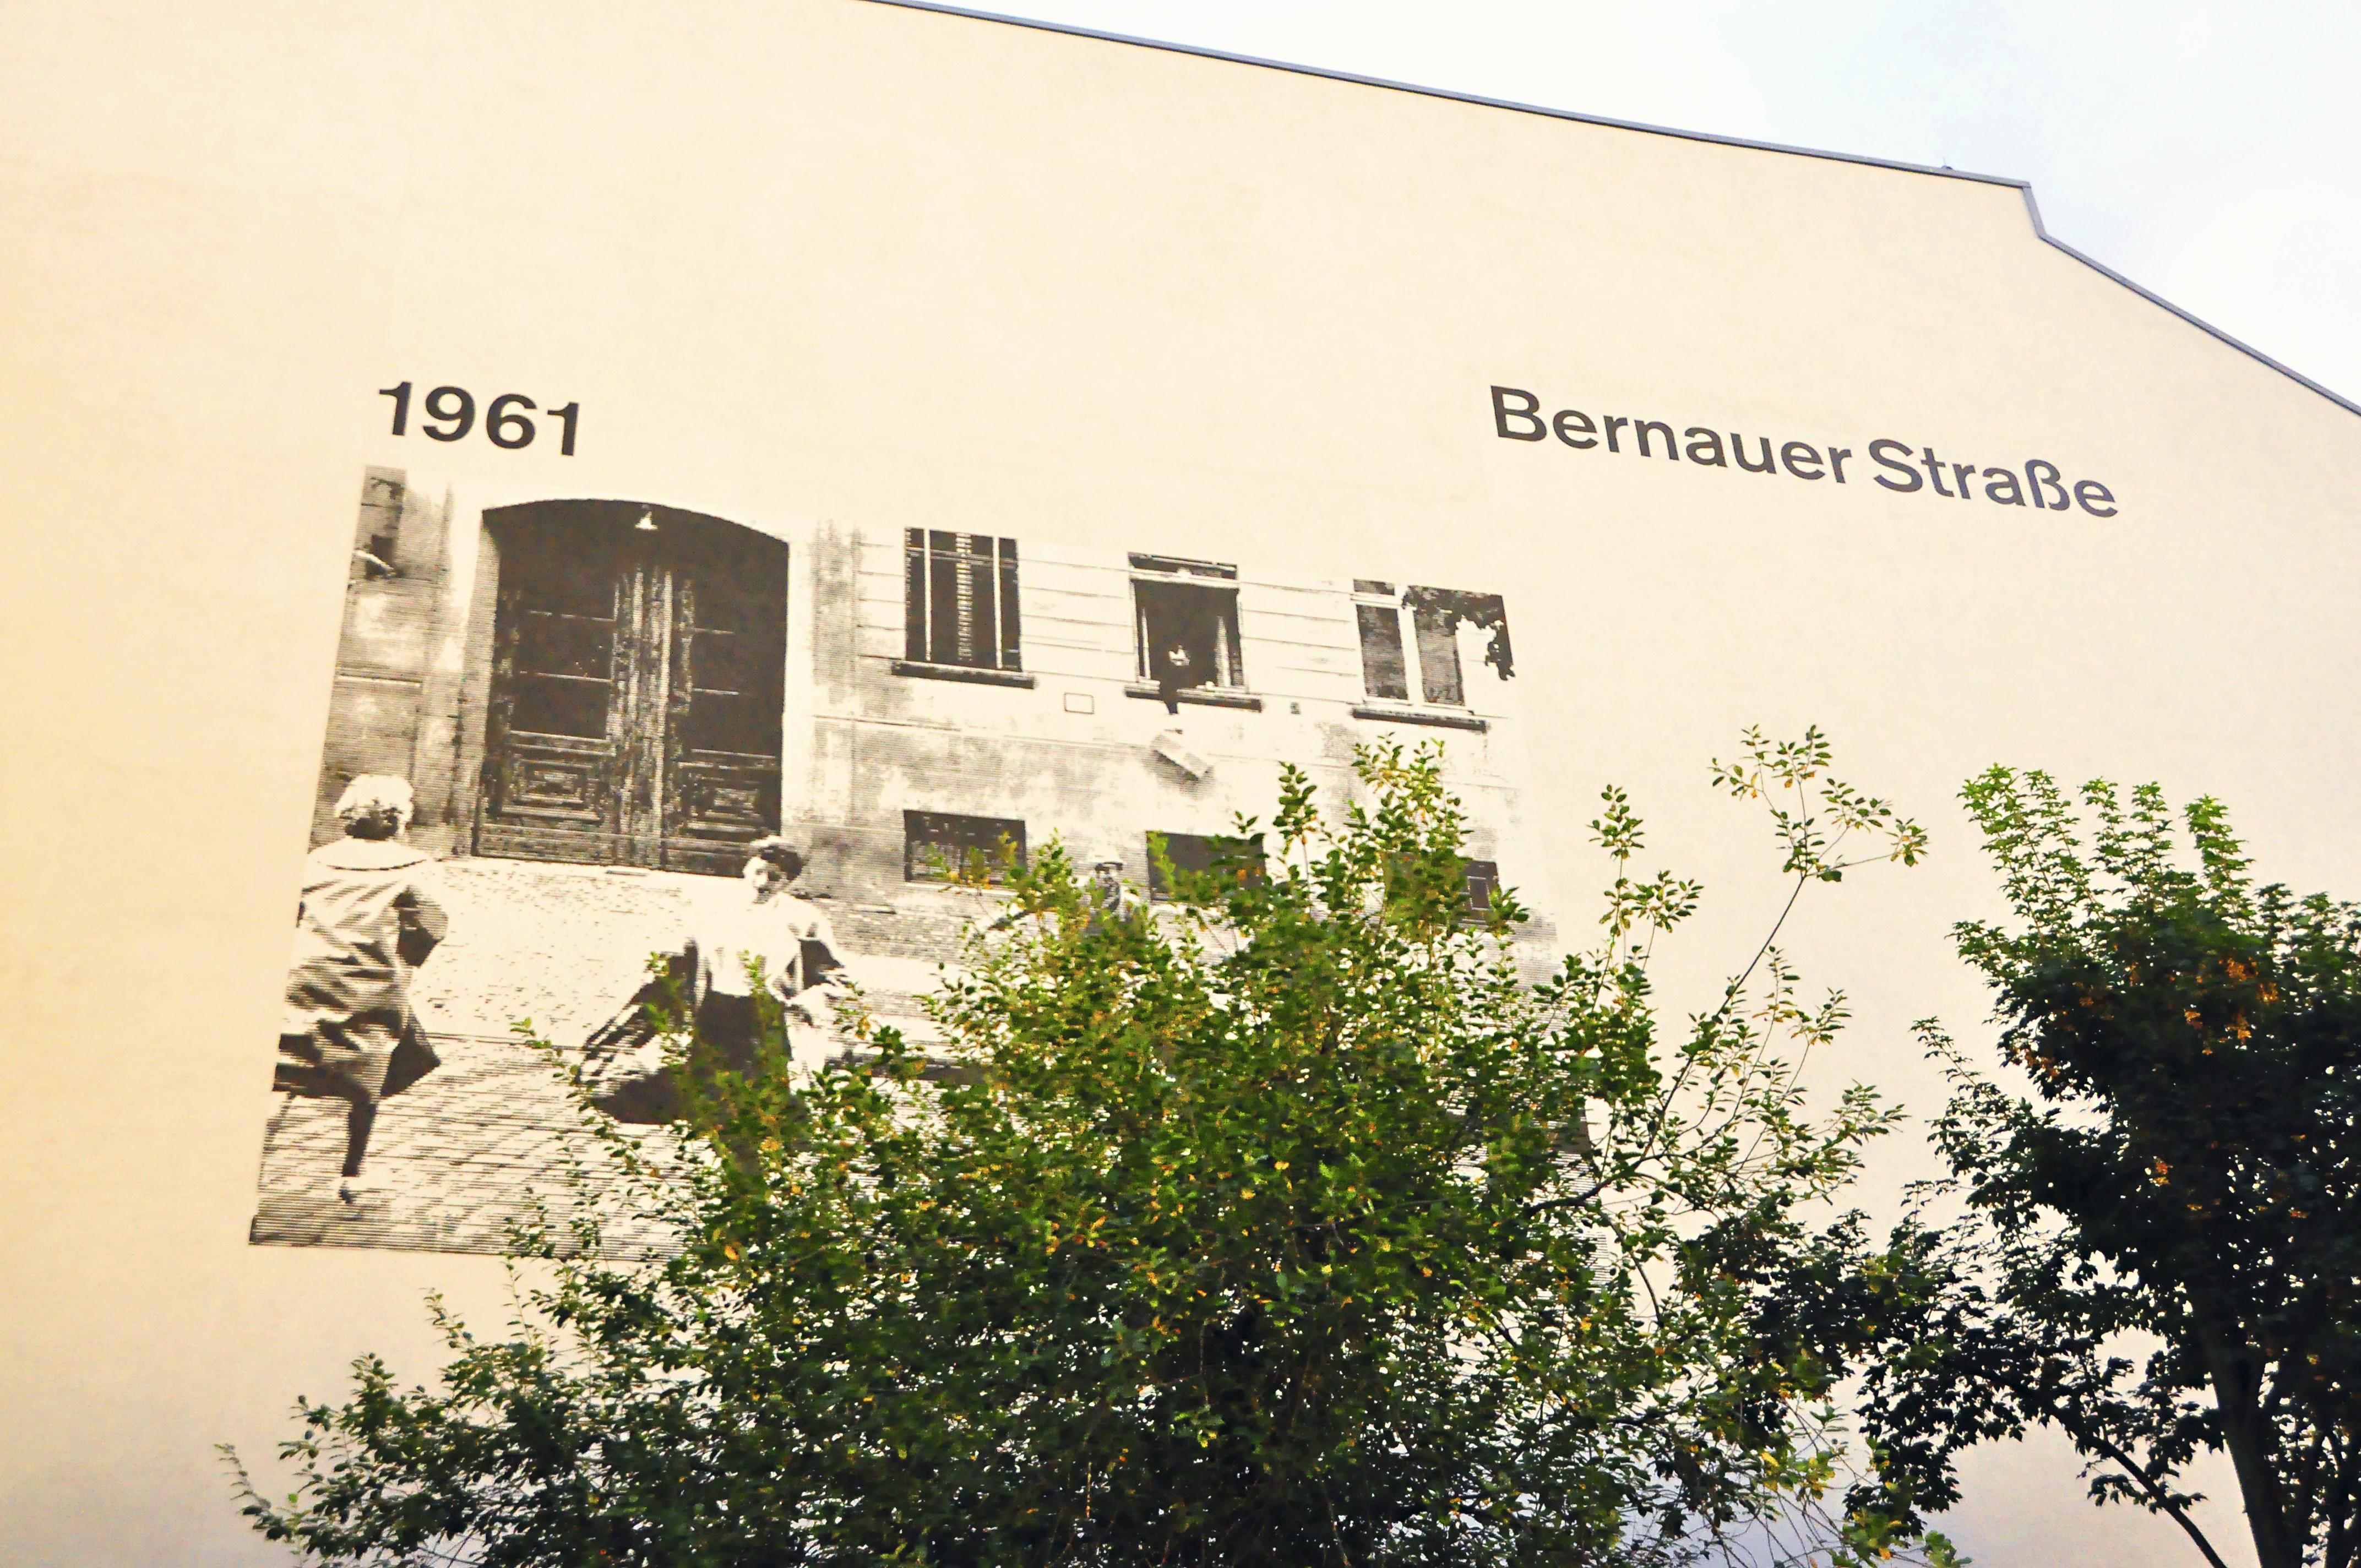 Painel no Memorial do Muro de Berlim, Alemanha